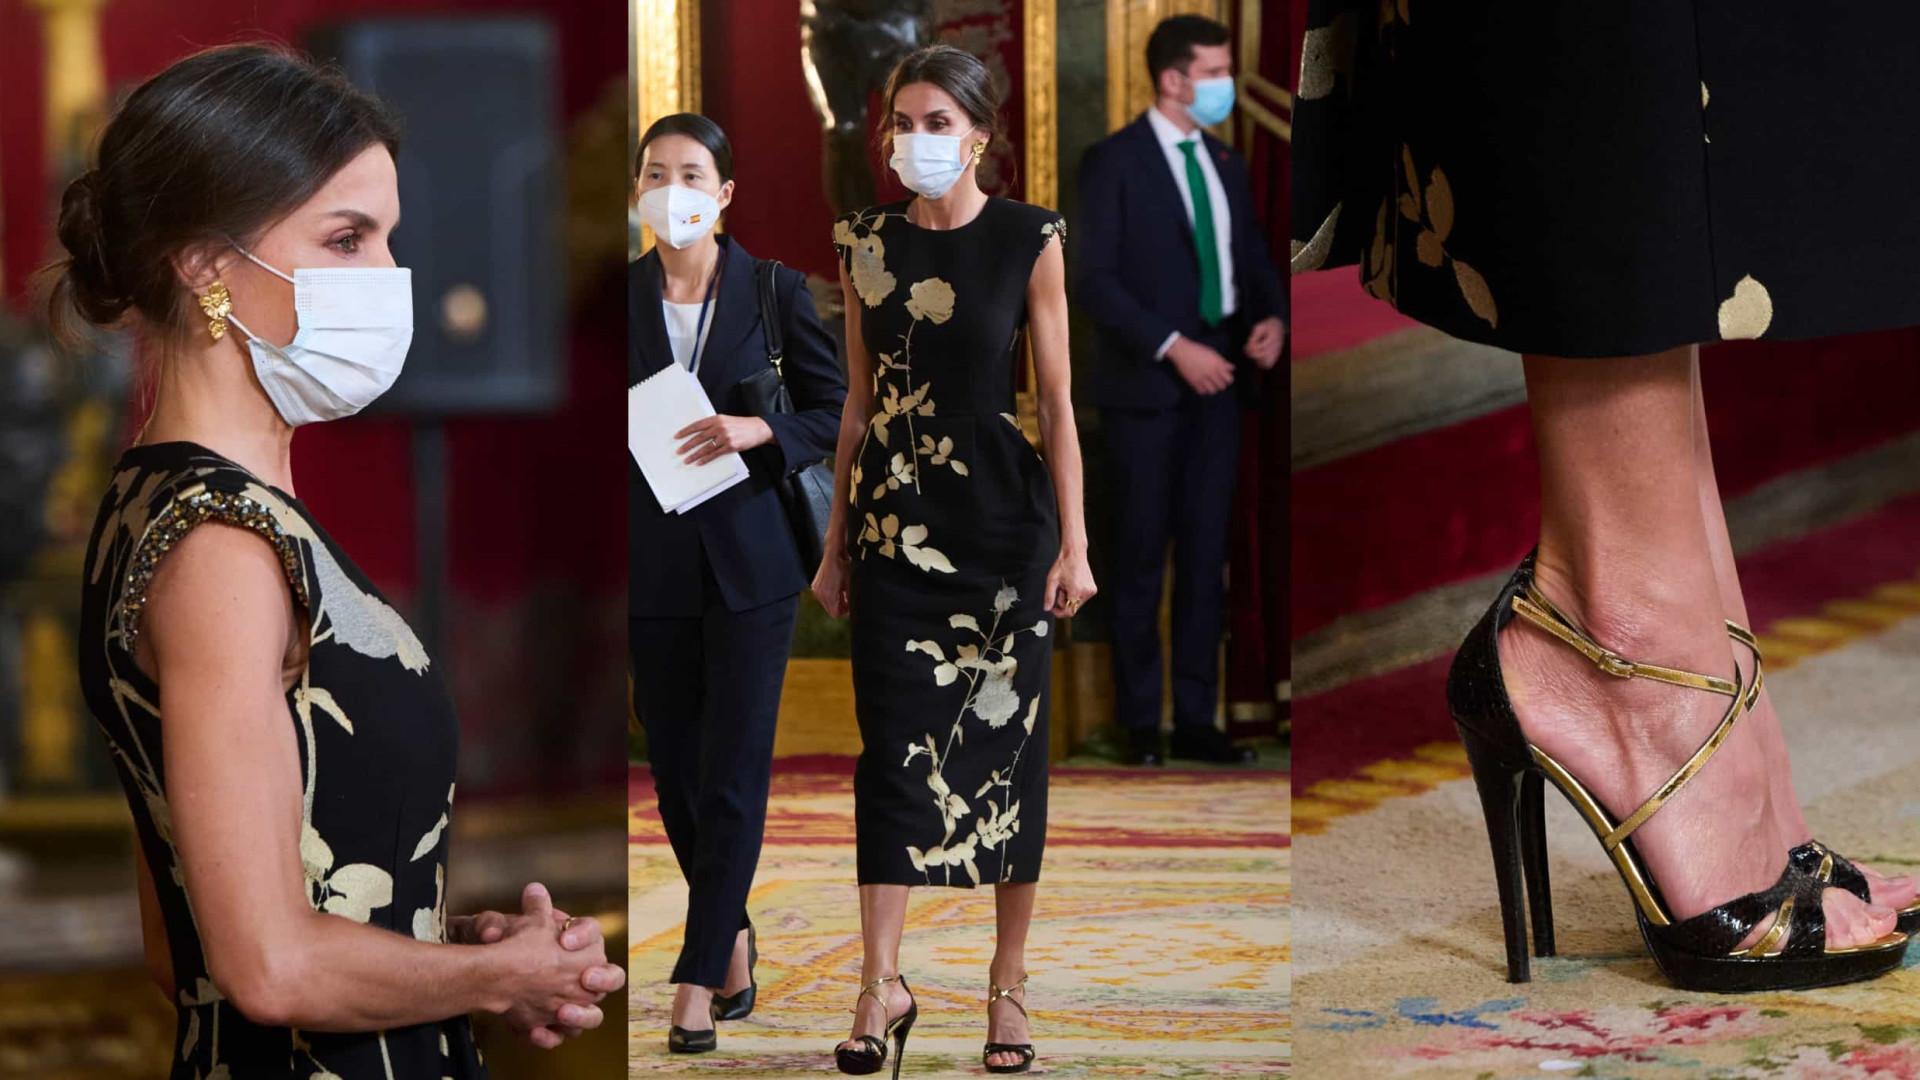 Rainha Letizia usa vestido com inspirações orientais para jantar oficial